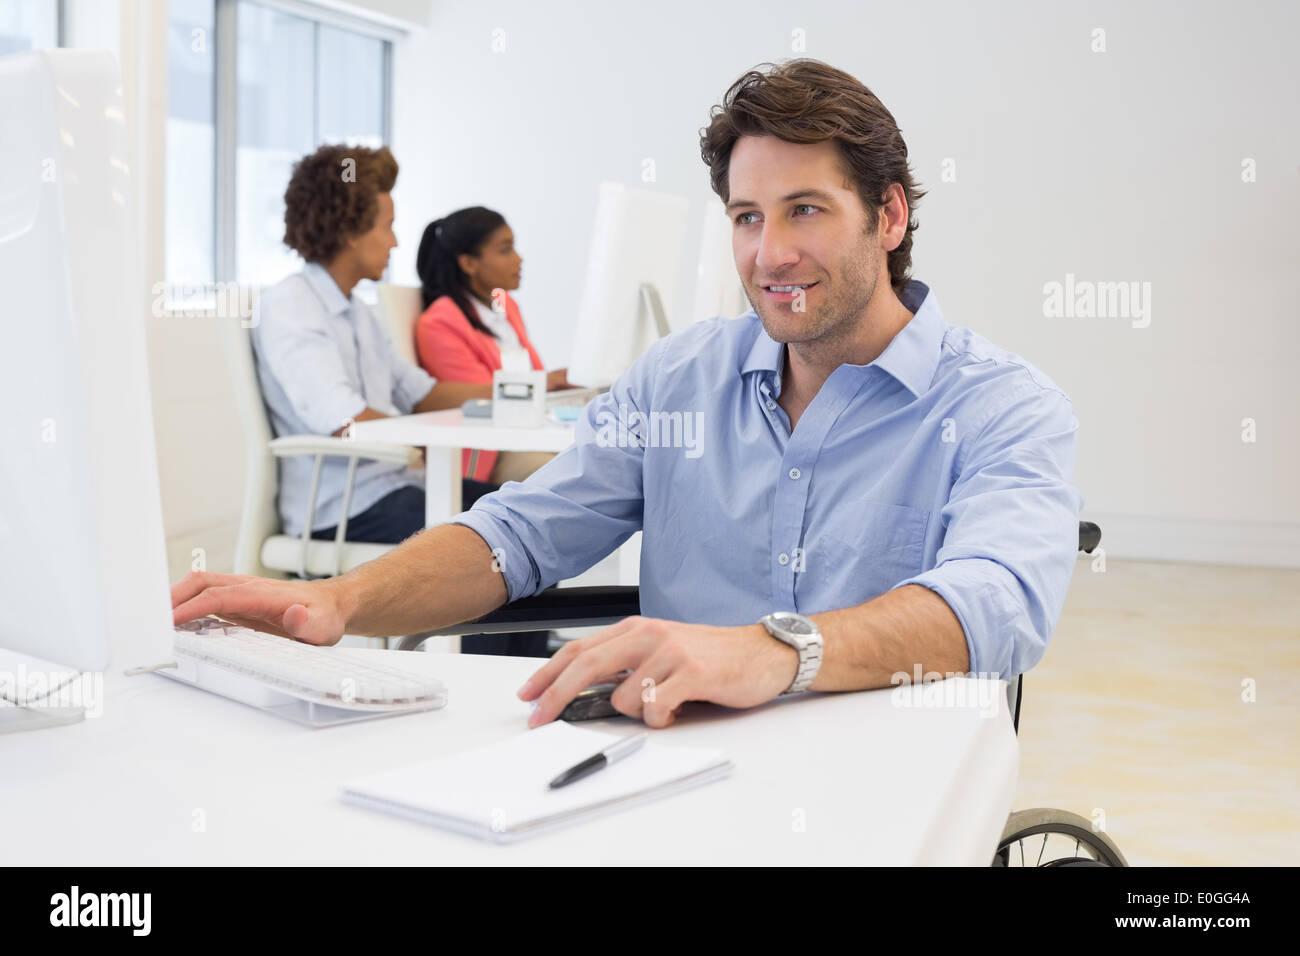 Geschäftsmann mit Behinderung arbeitet hart Stockbild